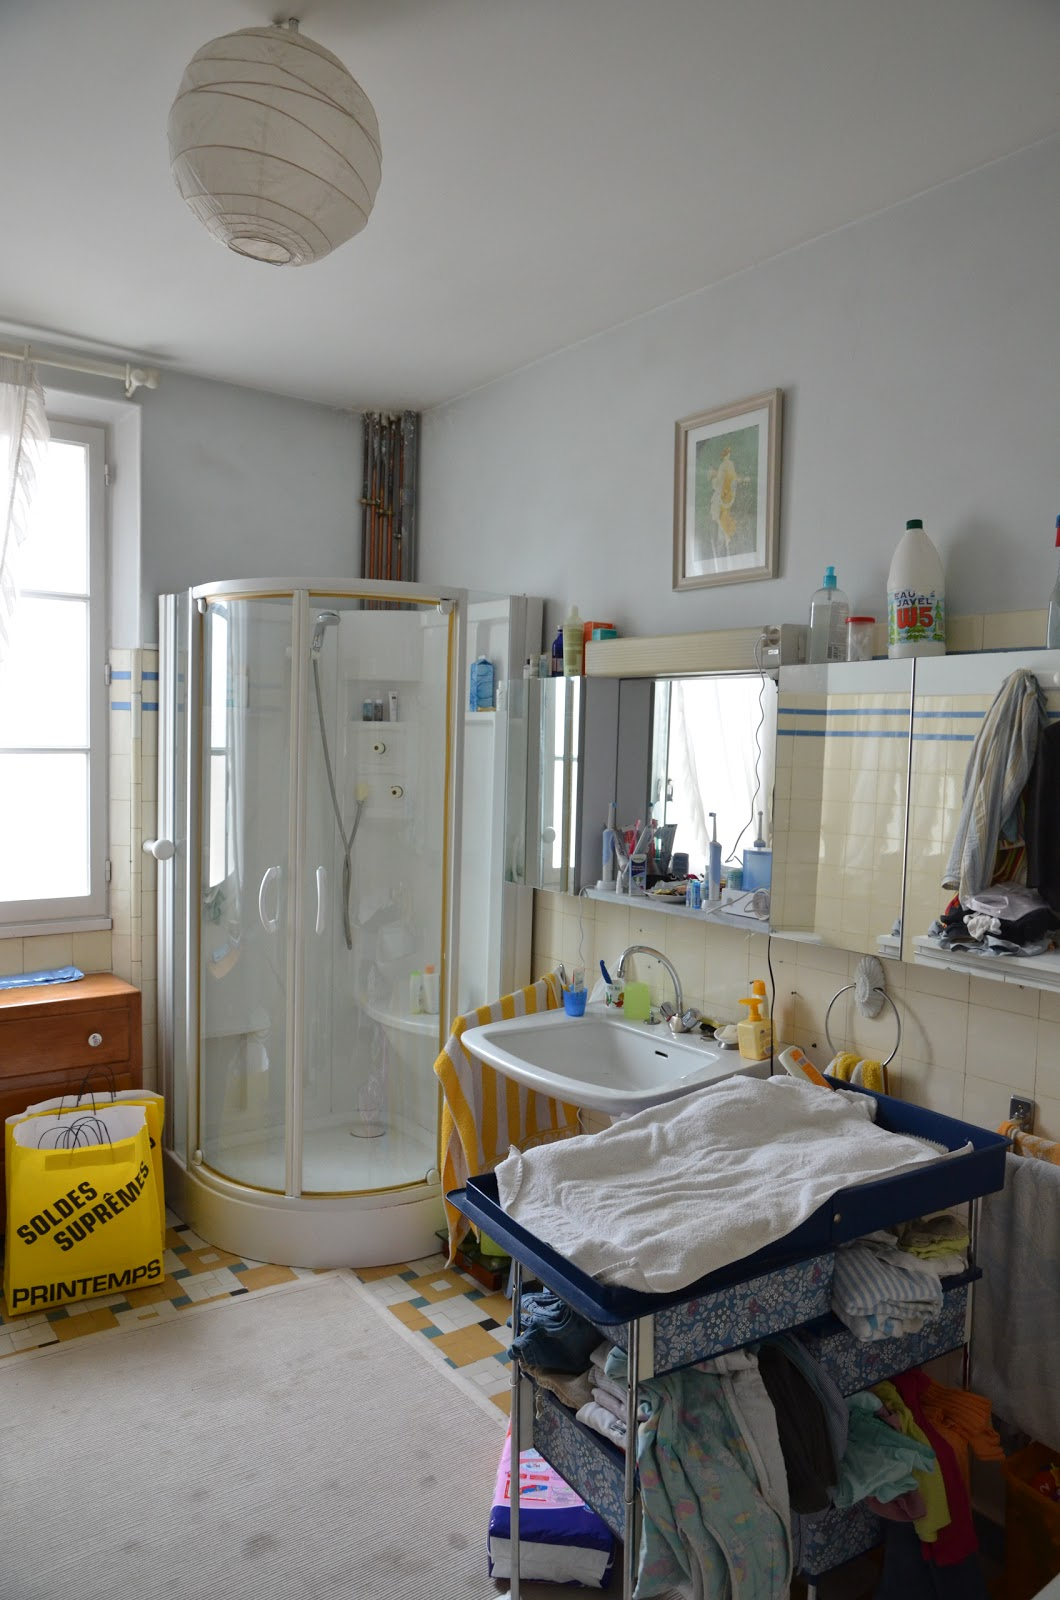 peinture resinence tarif id e inspirante pour la conception de la maison. Black Bedroom Furniture Sets. Home Design Ideas